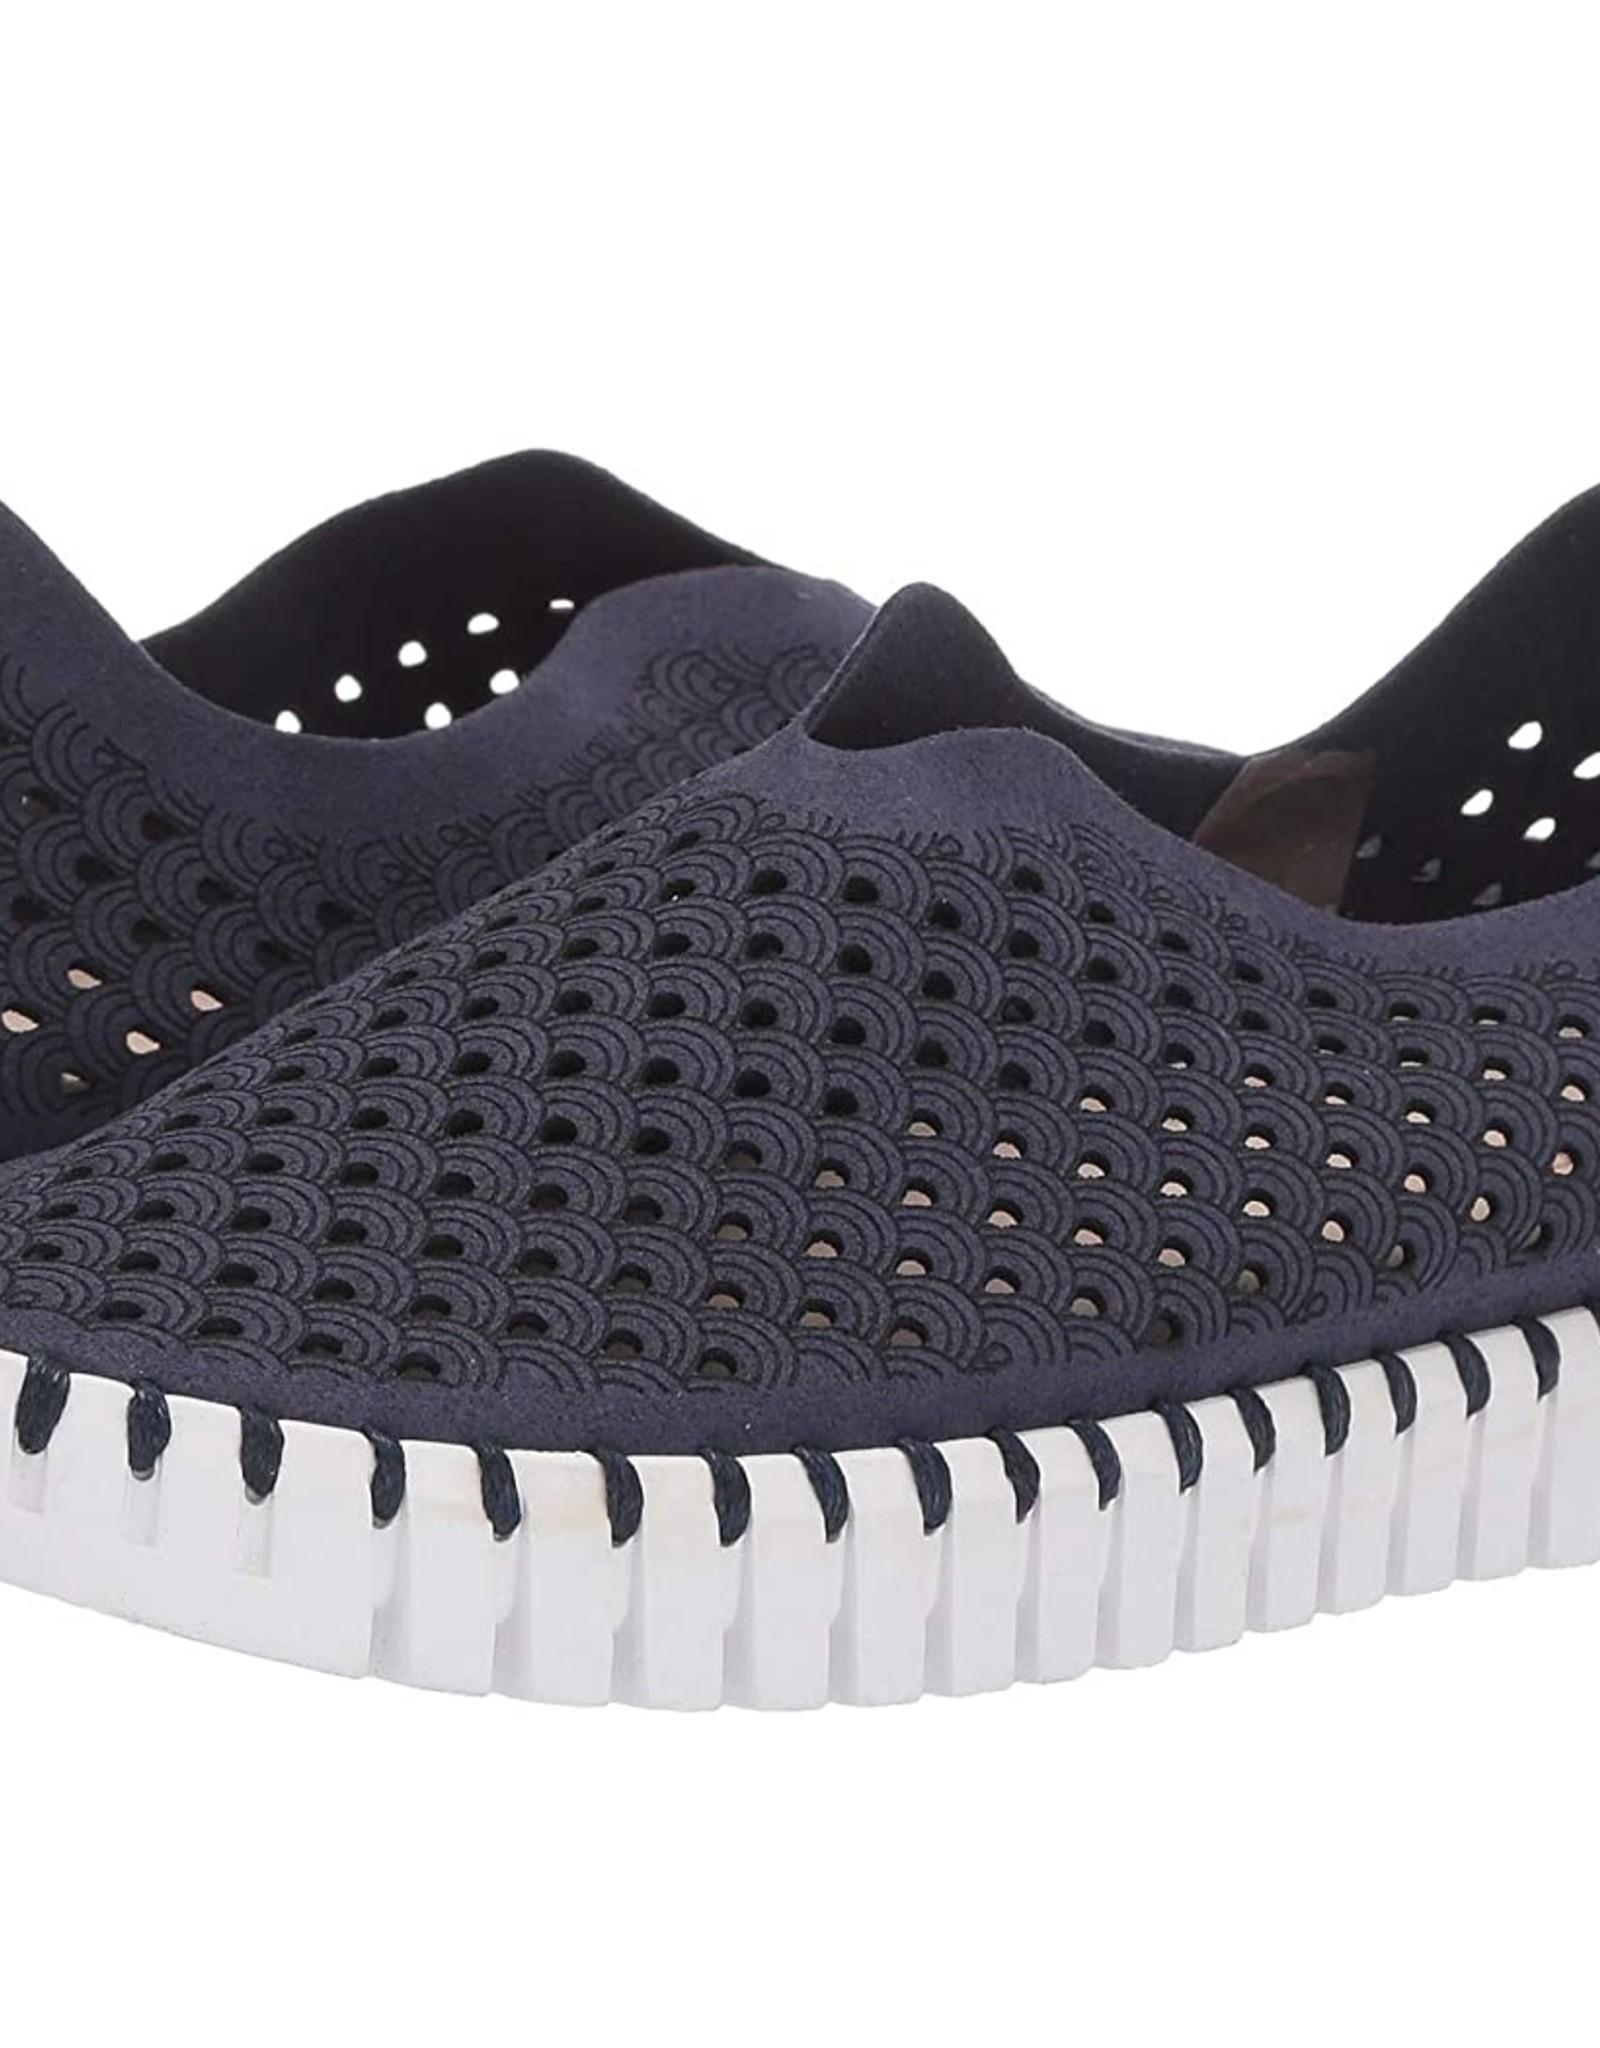 Tulip 139 Shoes Original